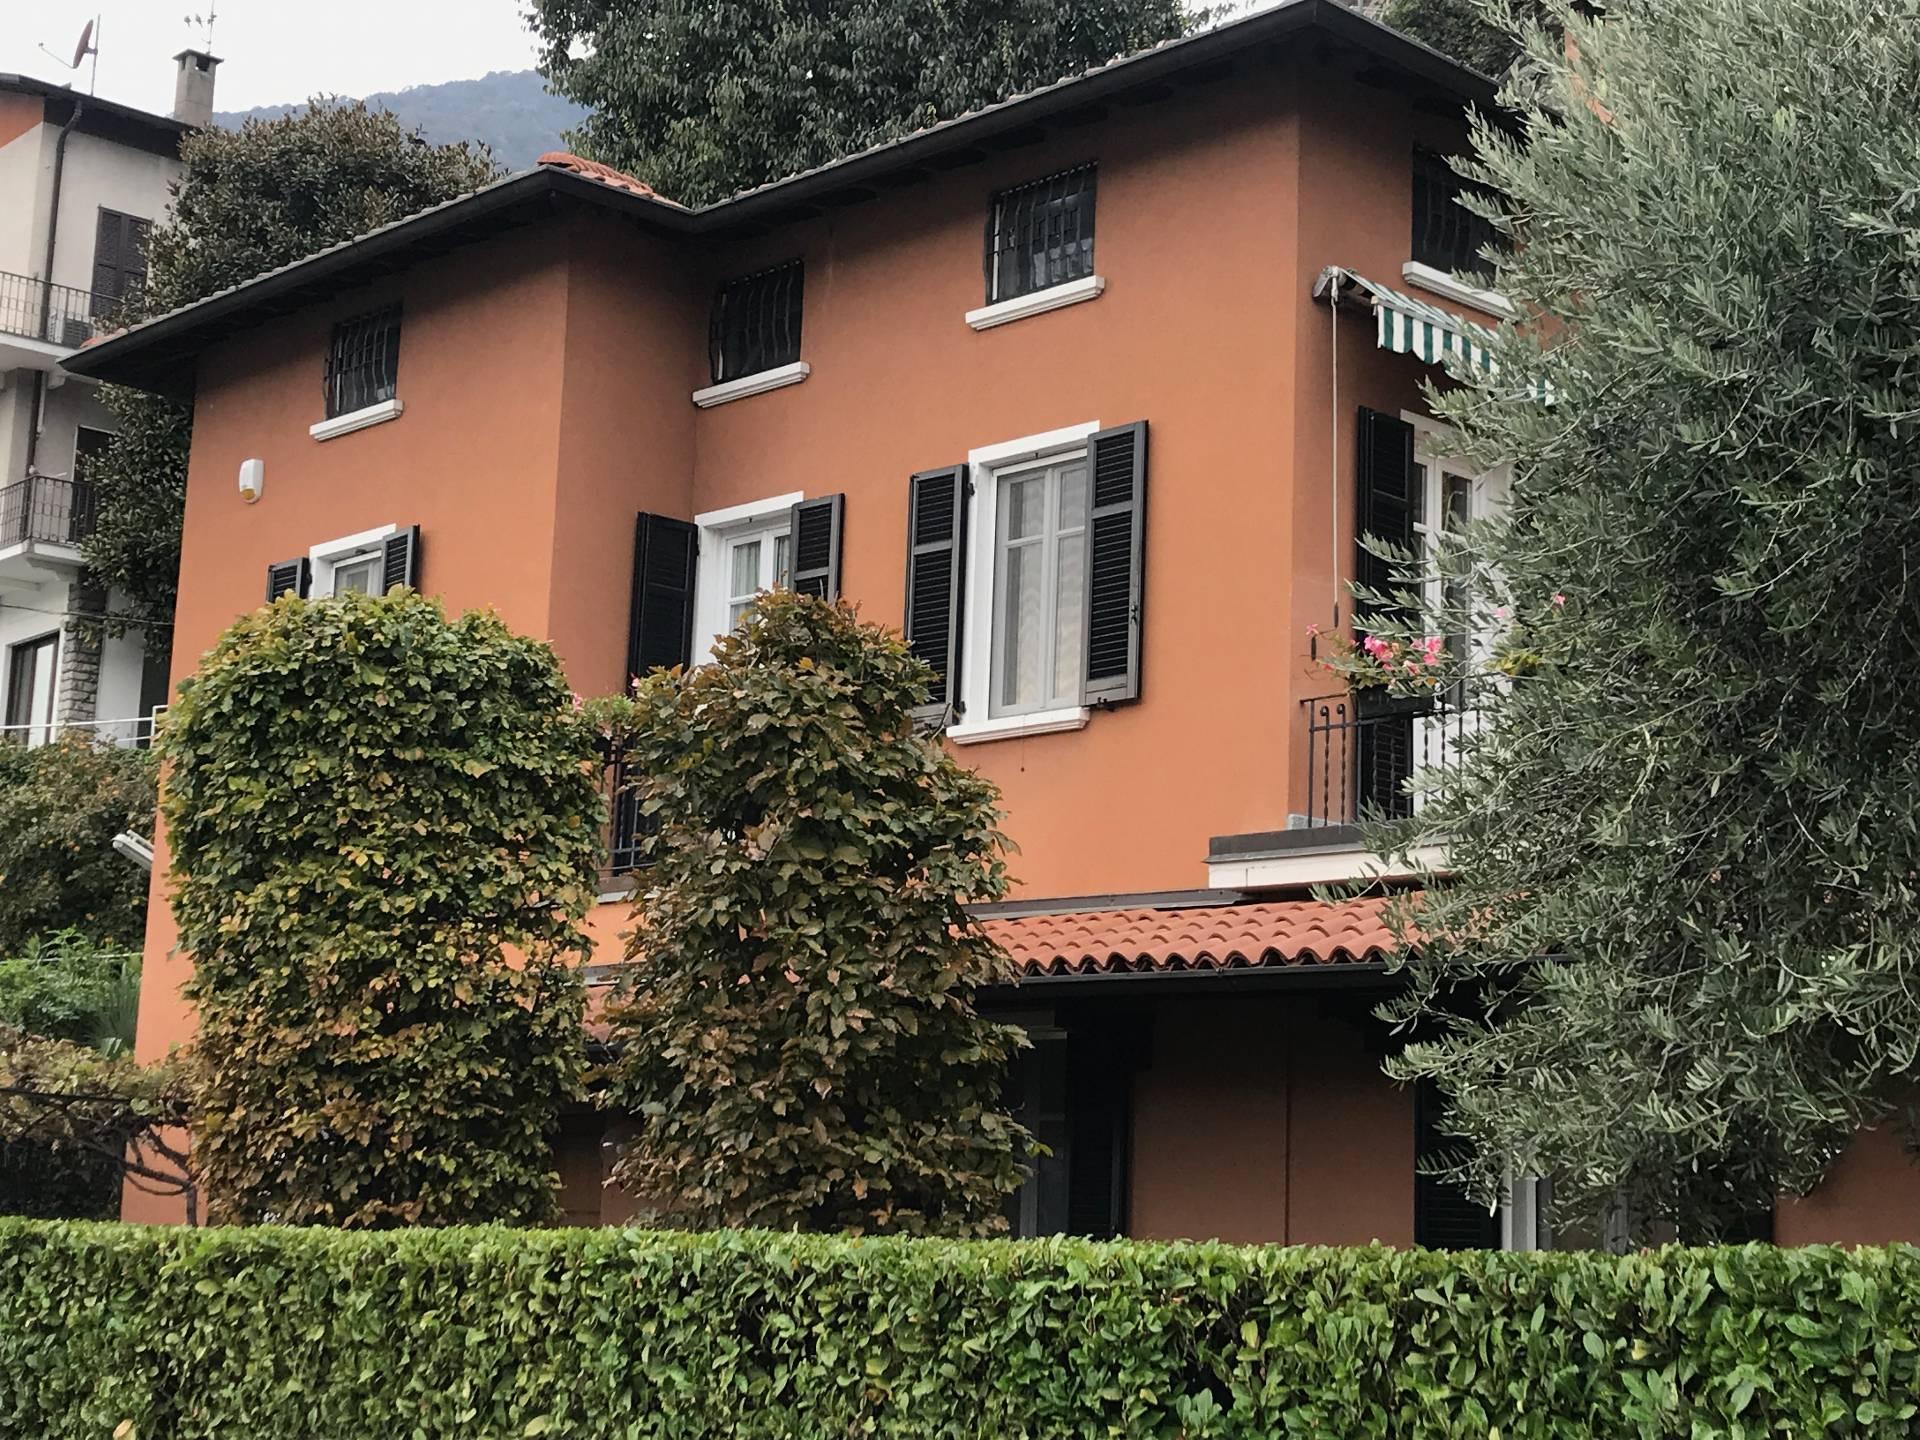 Villa in Vendita a Moltrasio via roma